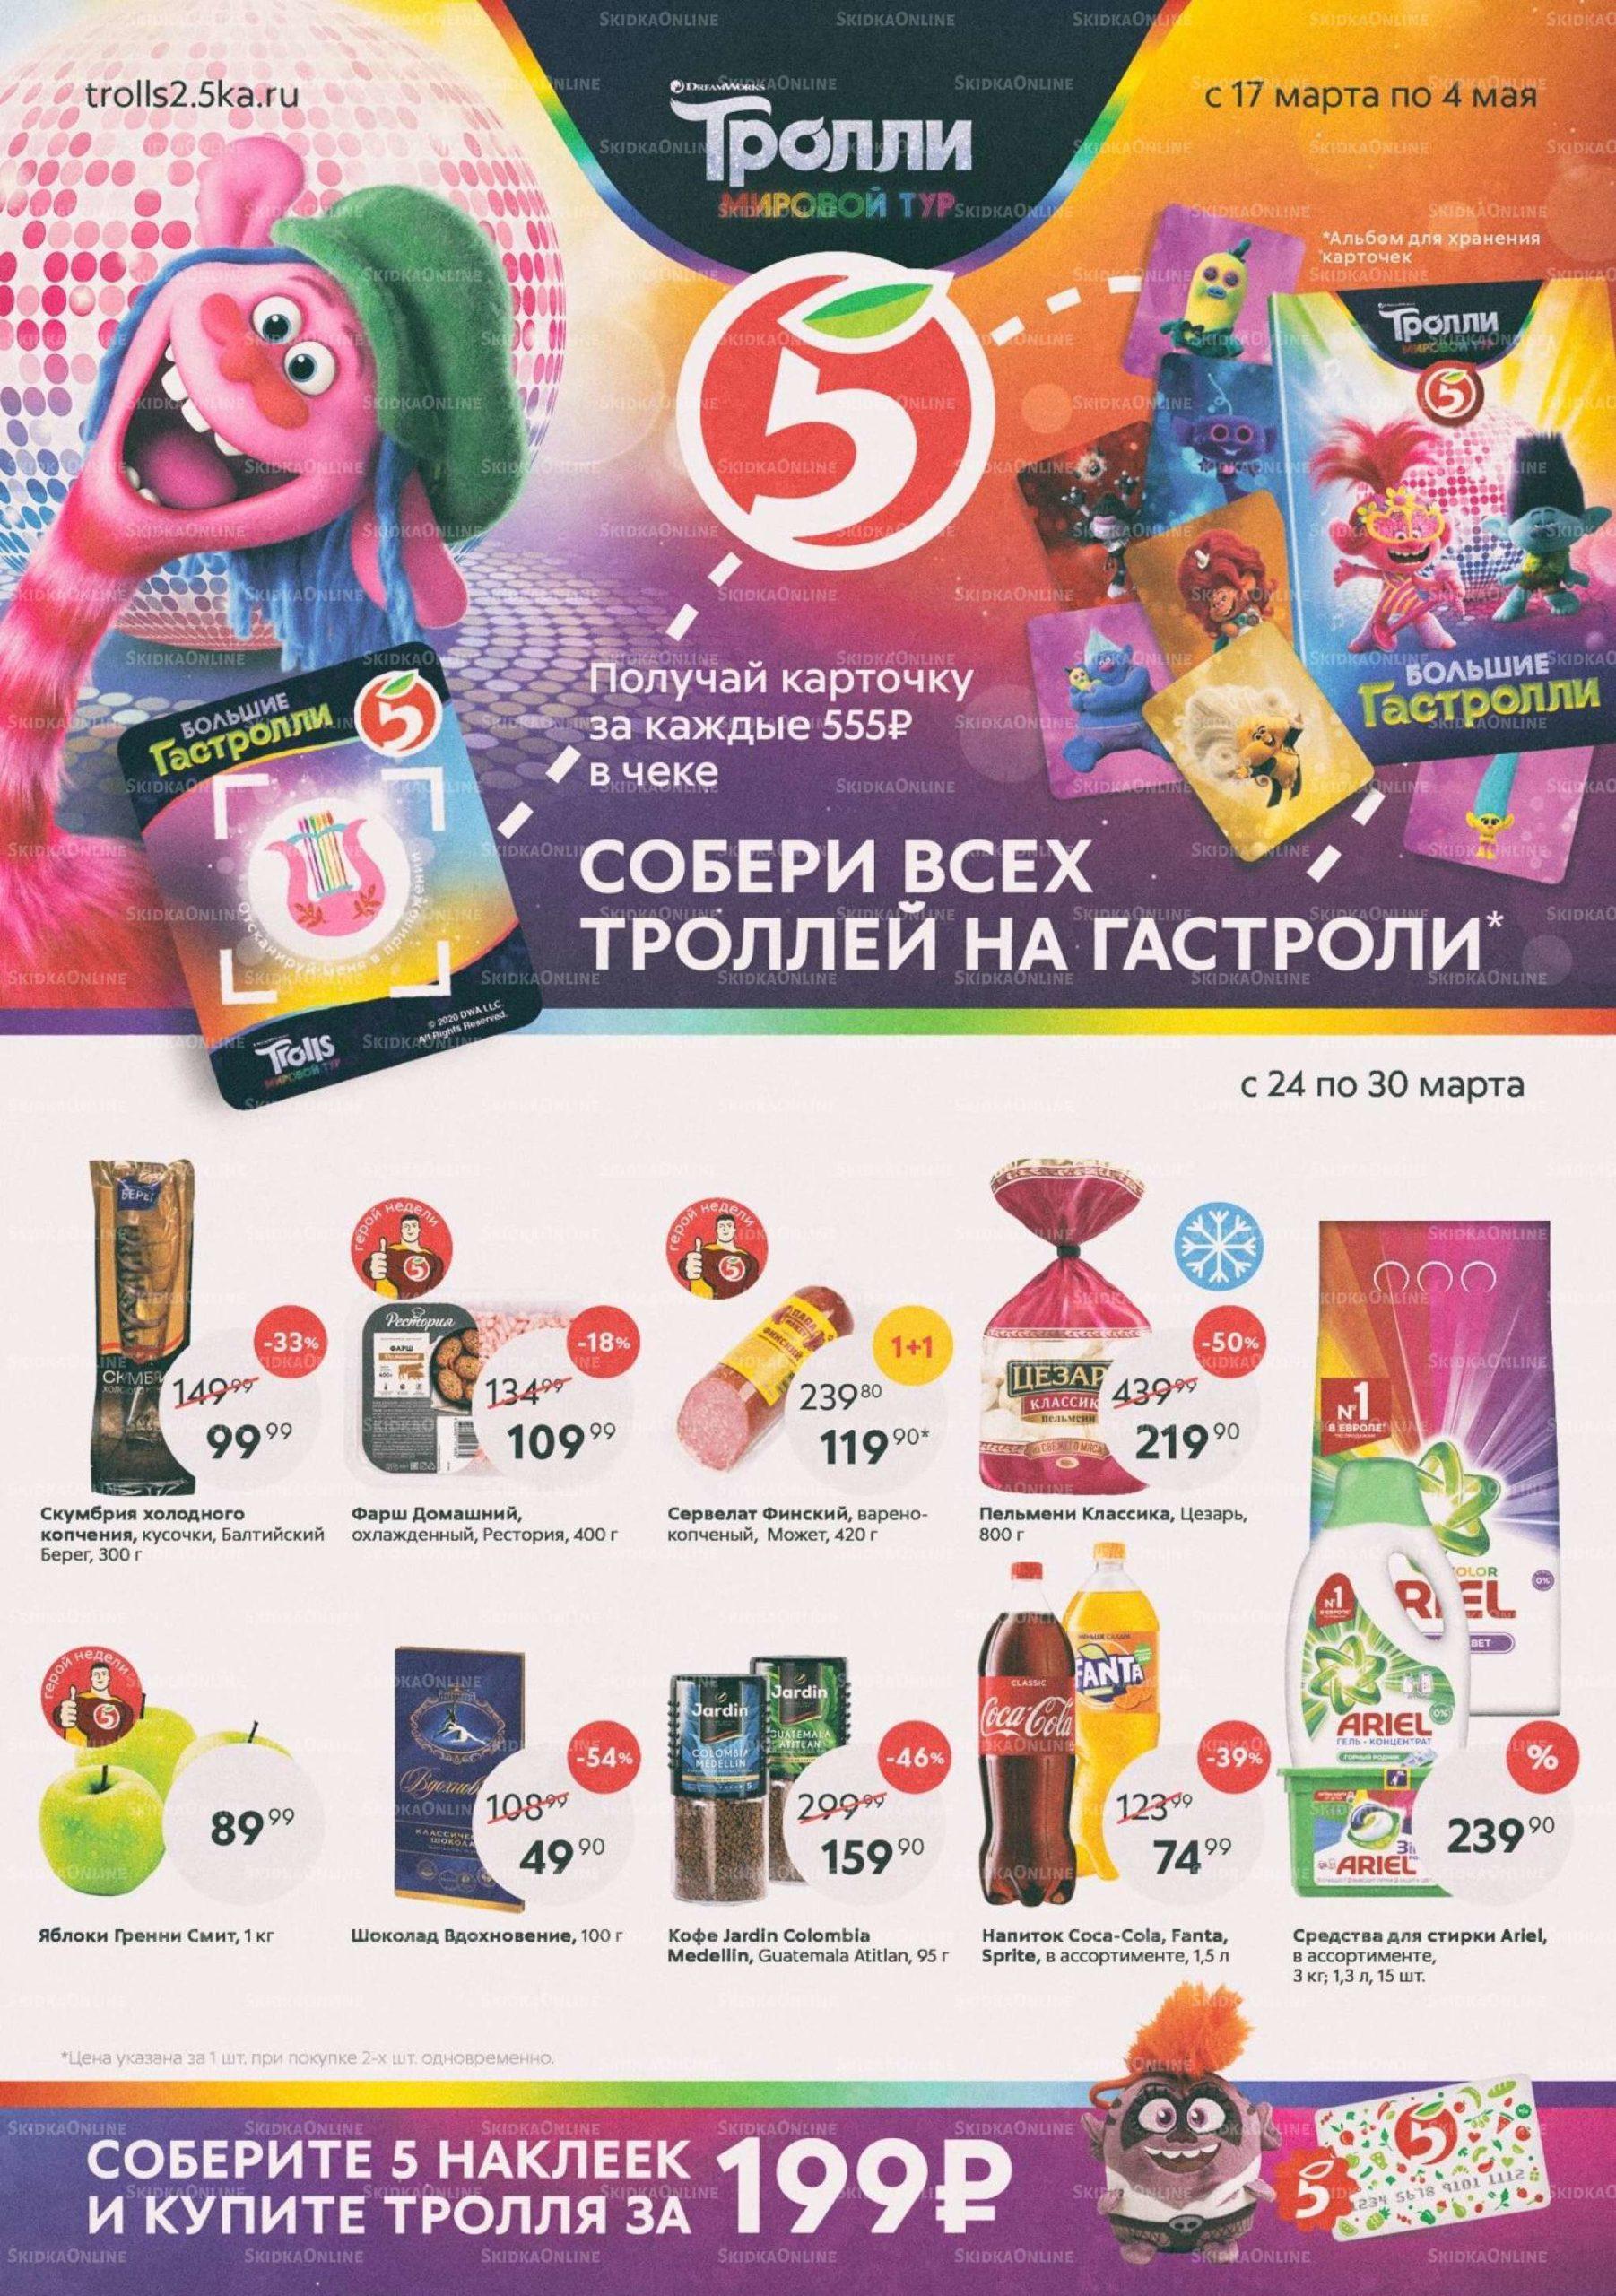 Акции в Пятёрочке с 24 по 30 марта 2020 года